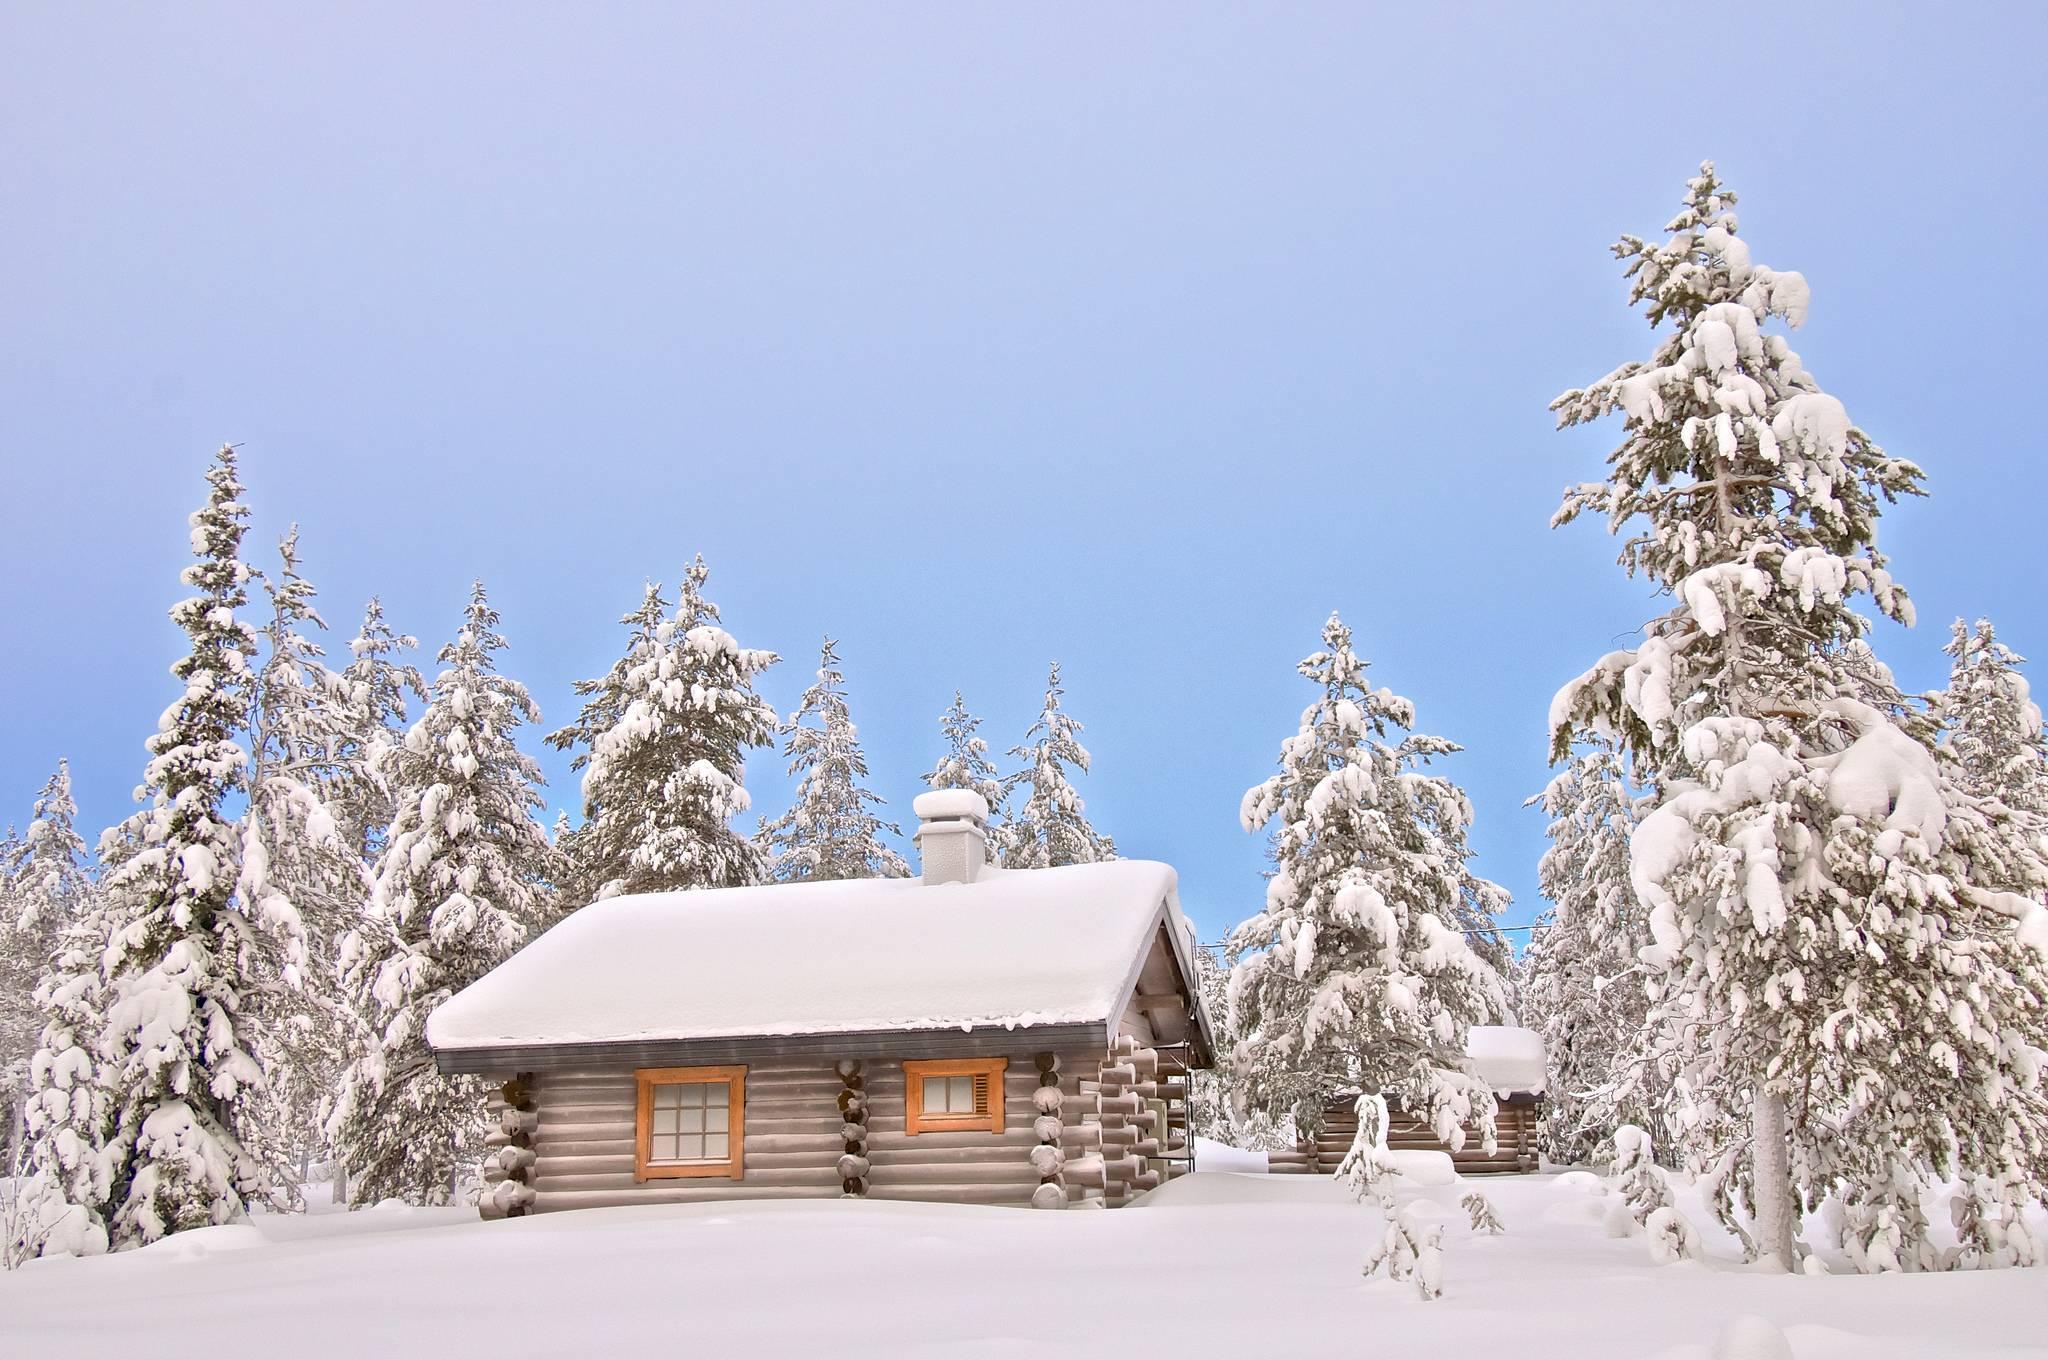 Зимние пейзажи с домами картинки и фото